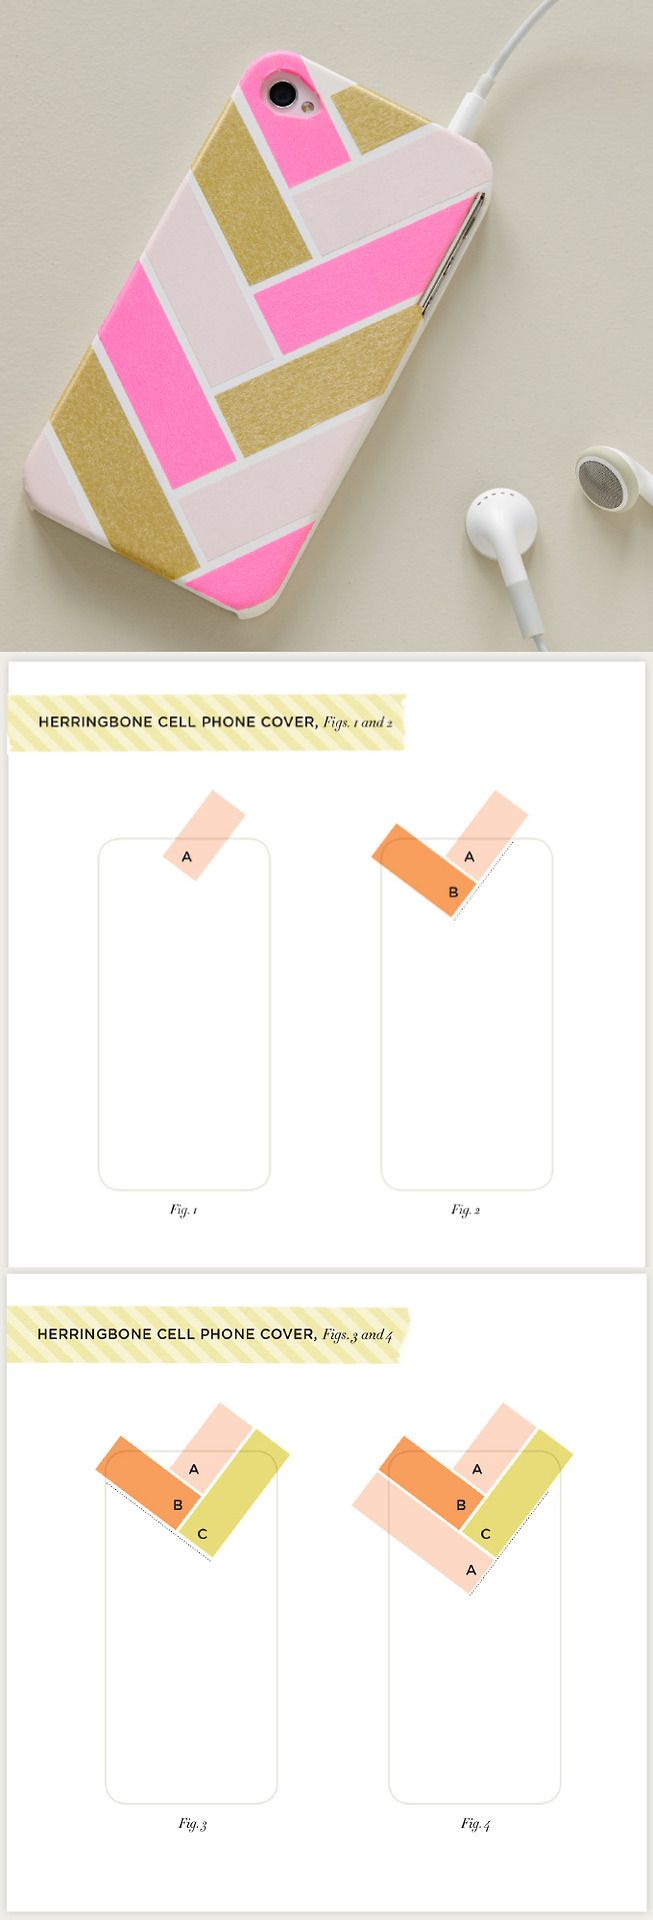 DIY Herringbone Phone Cover | Tumblr